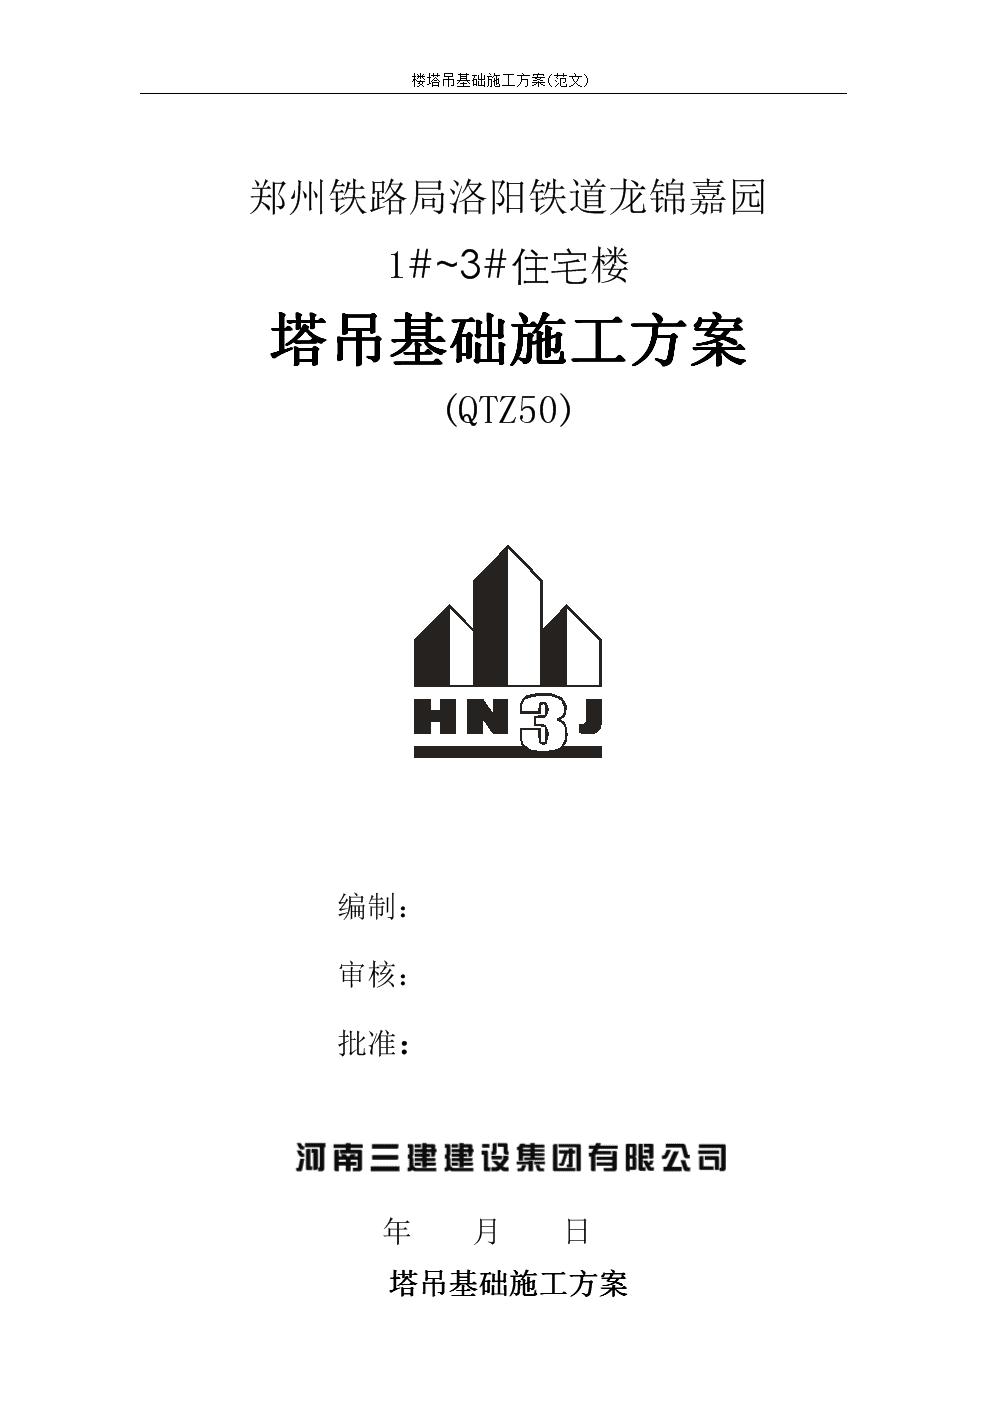 楼塔吊基础施工方案(范文).doc